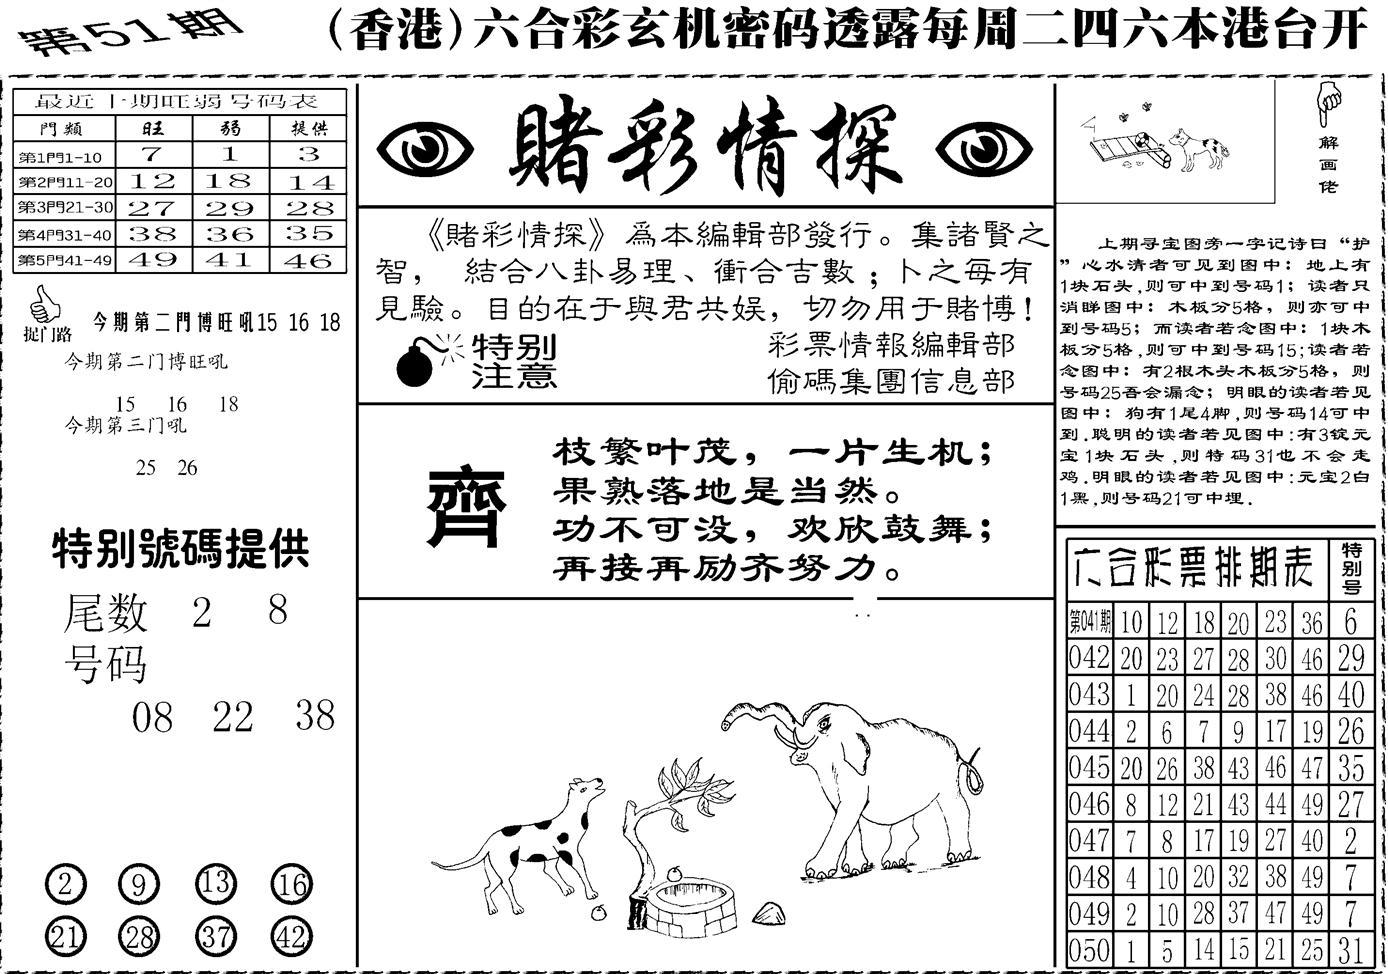 051期老版赌彩情探(黑白)